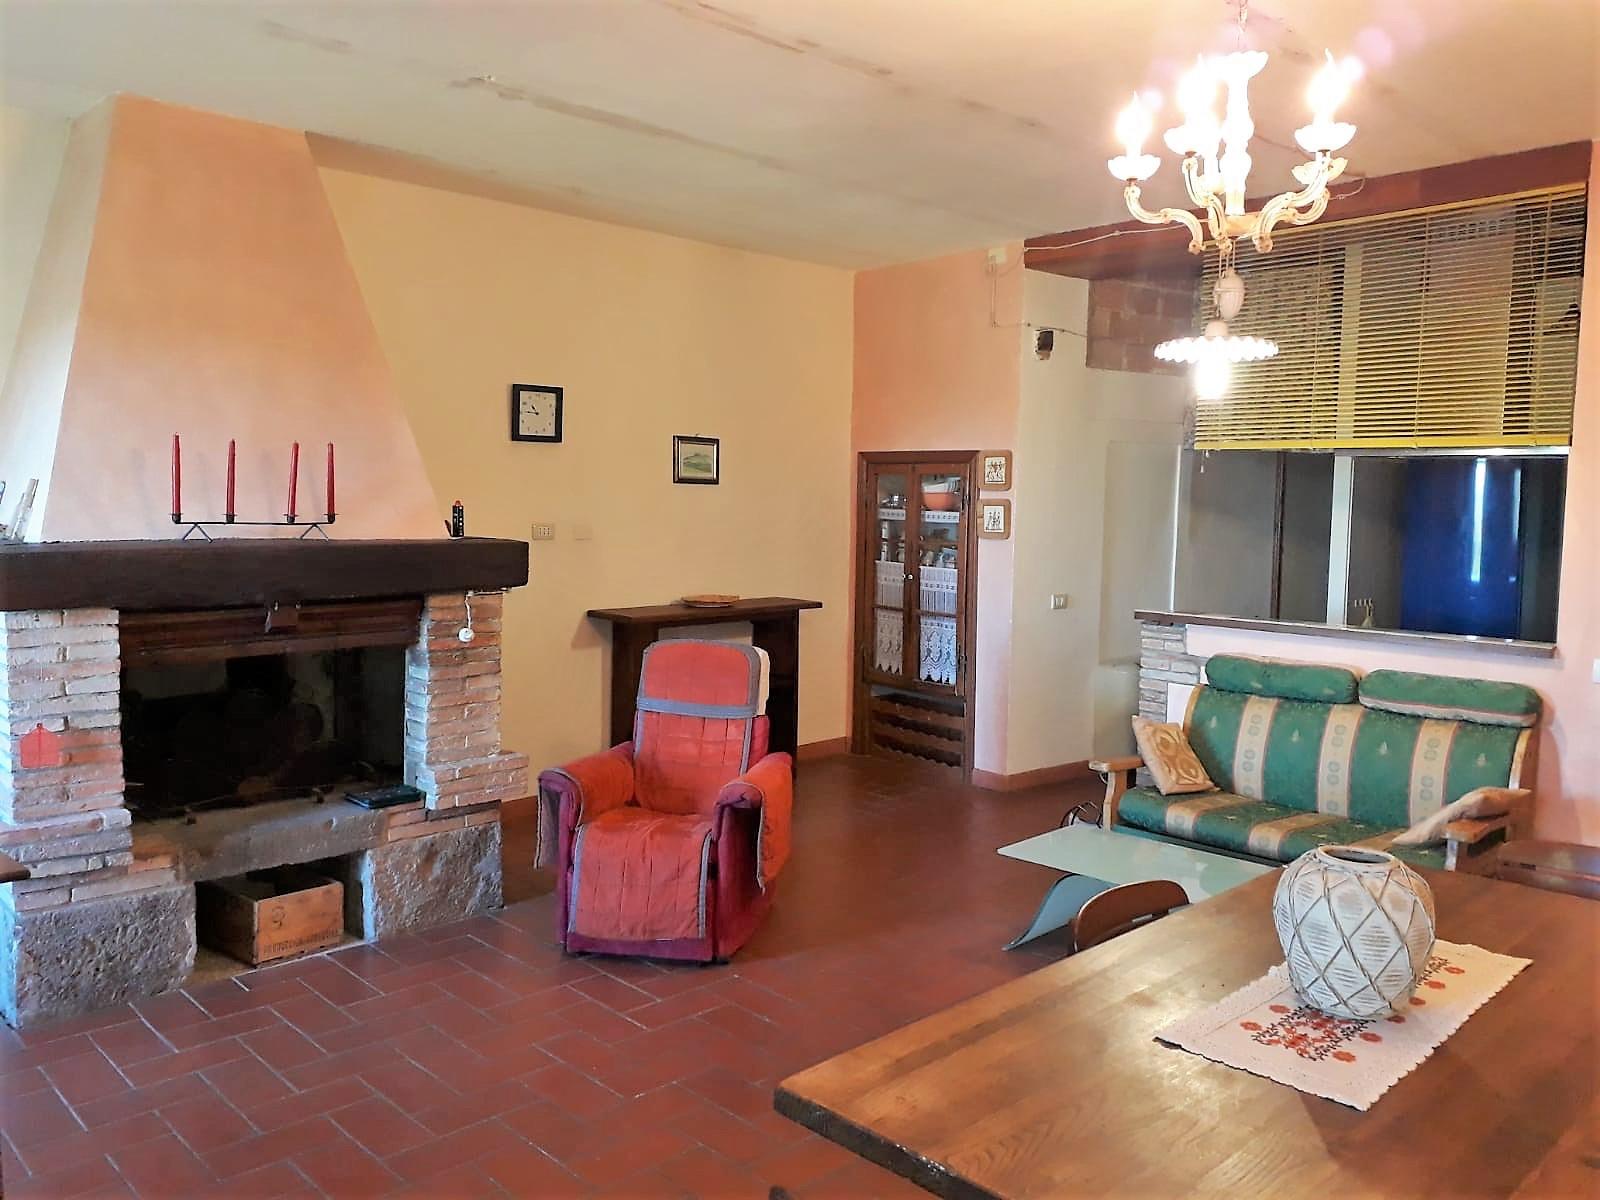 Appartamento in vendita a Castelnuovo di Val di Cecina, 3 locali, zona Località: SassoPisano, prezzo € 70.000   CambioCasa.it